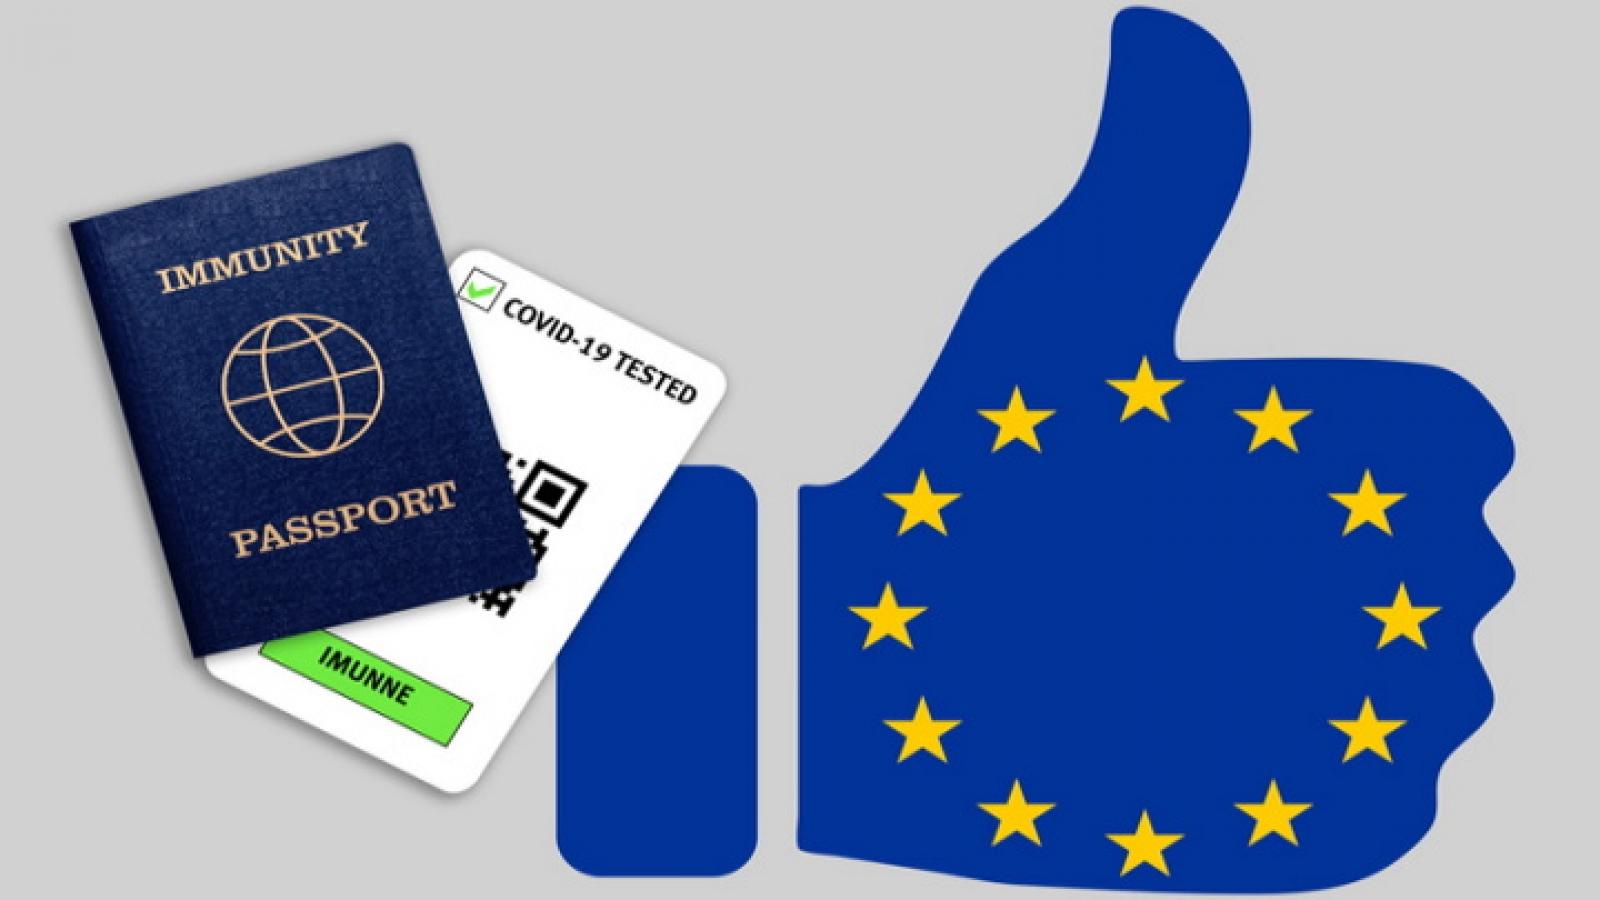 Đông-Trung Âu xem xét cho người đã tiêm chủng đi lại tự do, Séc đề phòng chứng chỉ giả